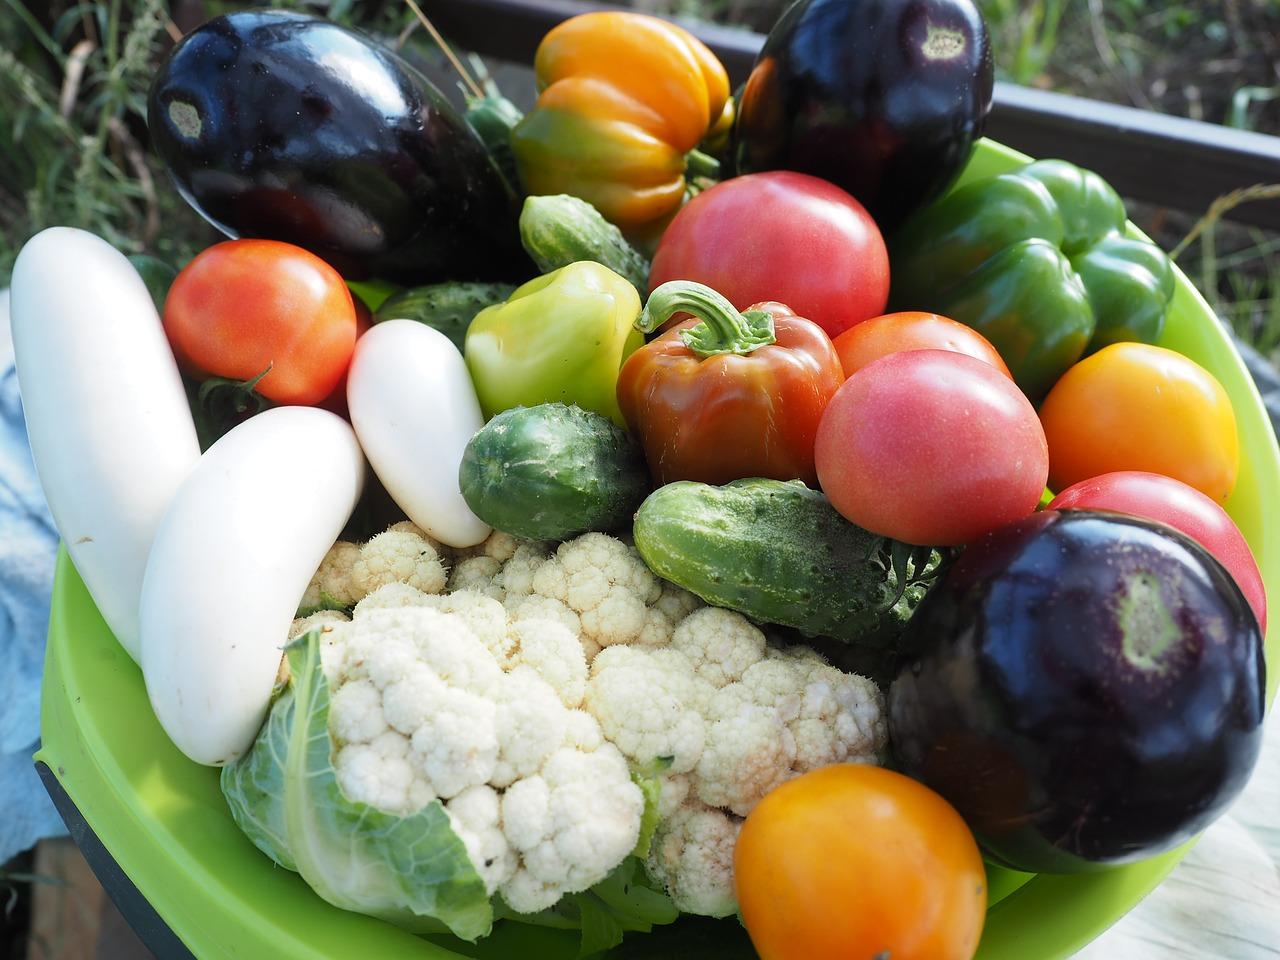 Nowy styl życia – wegetarianizm w okresie dojrzewania